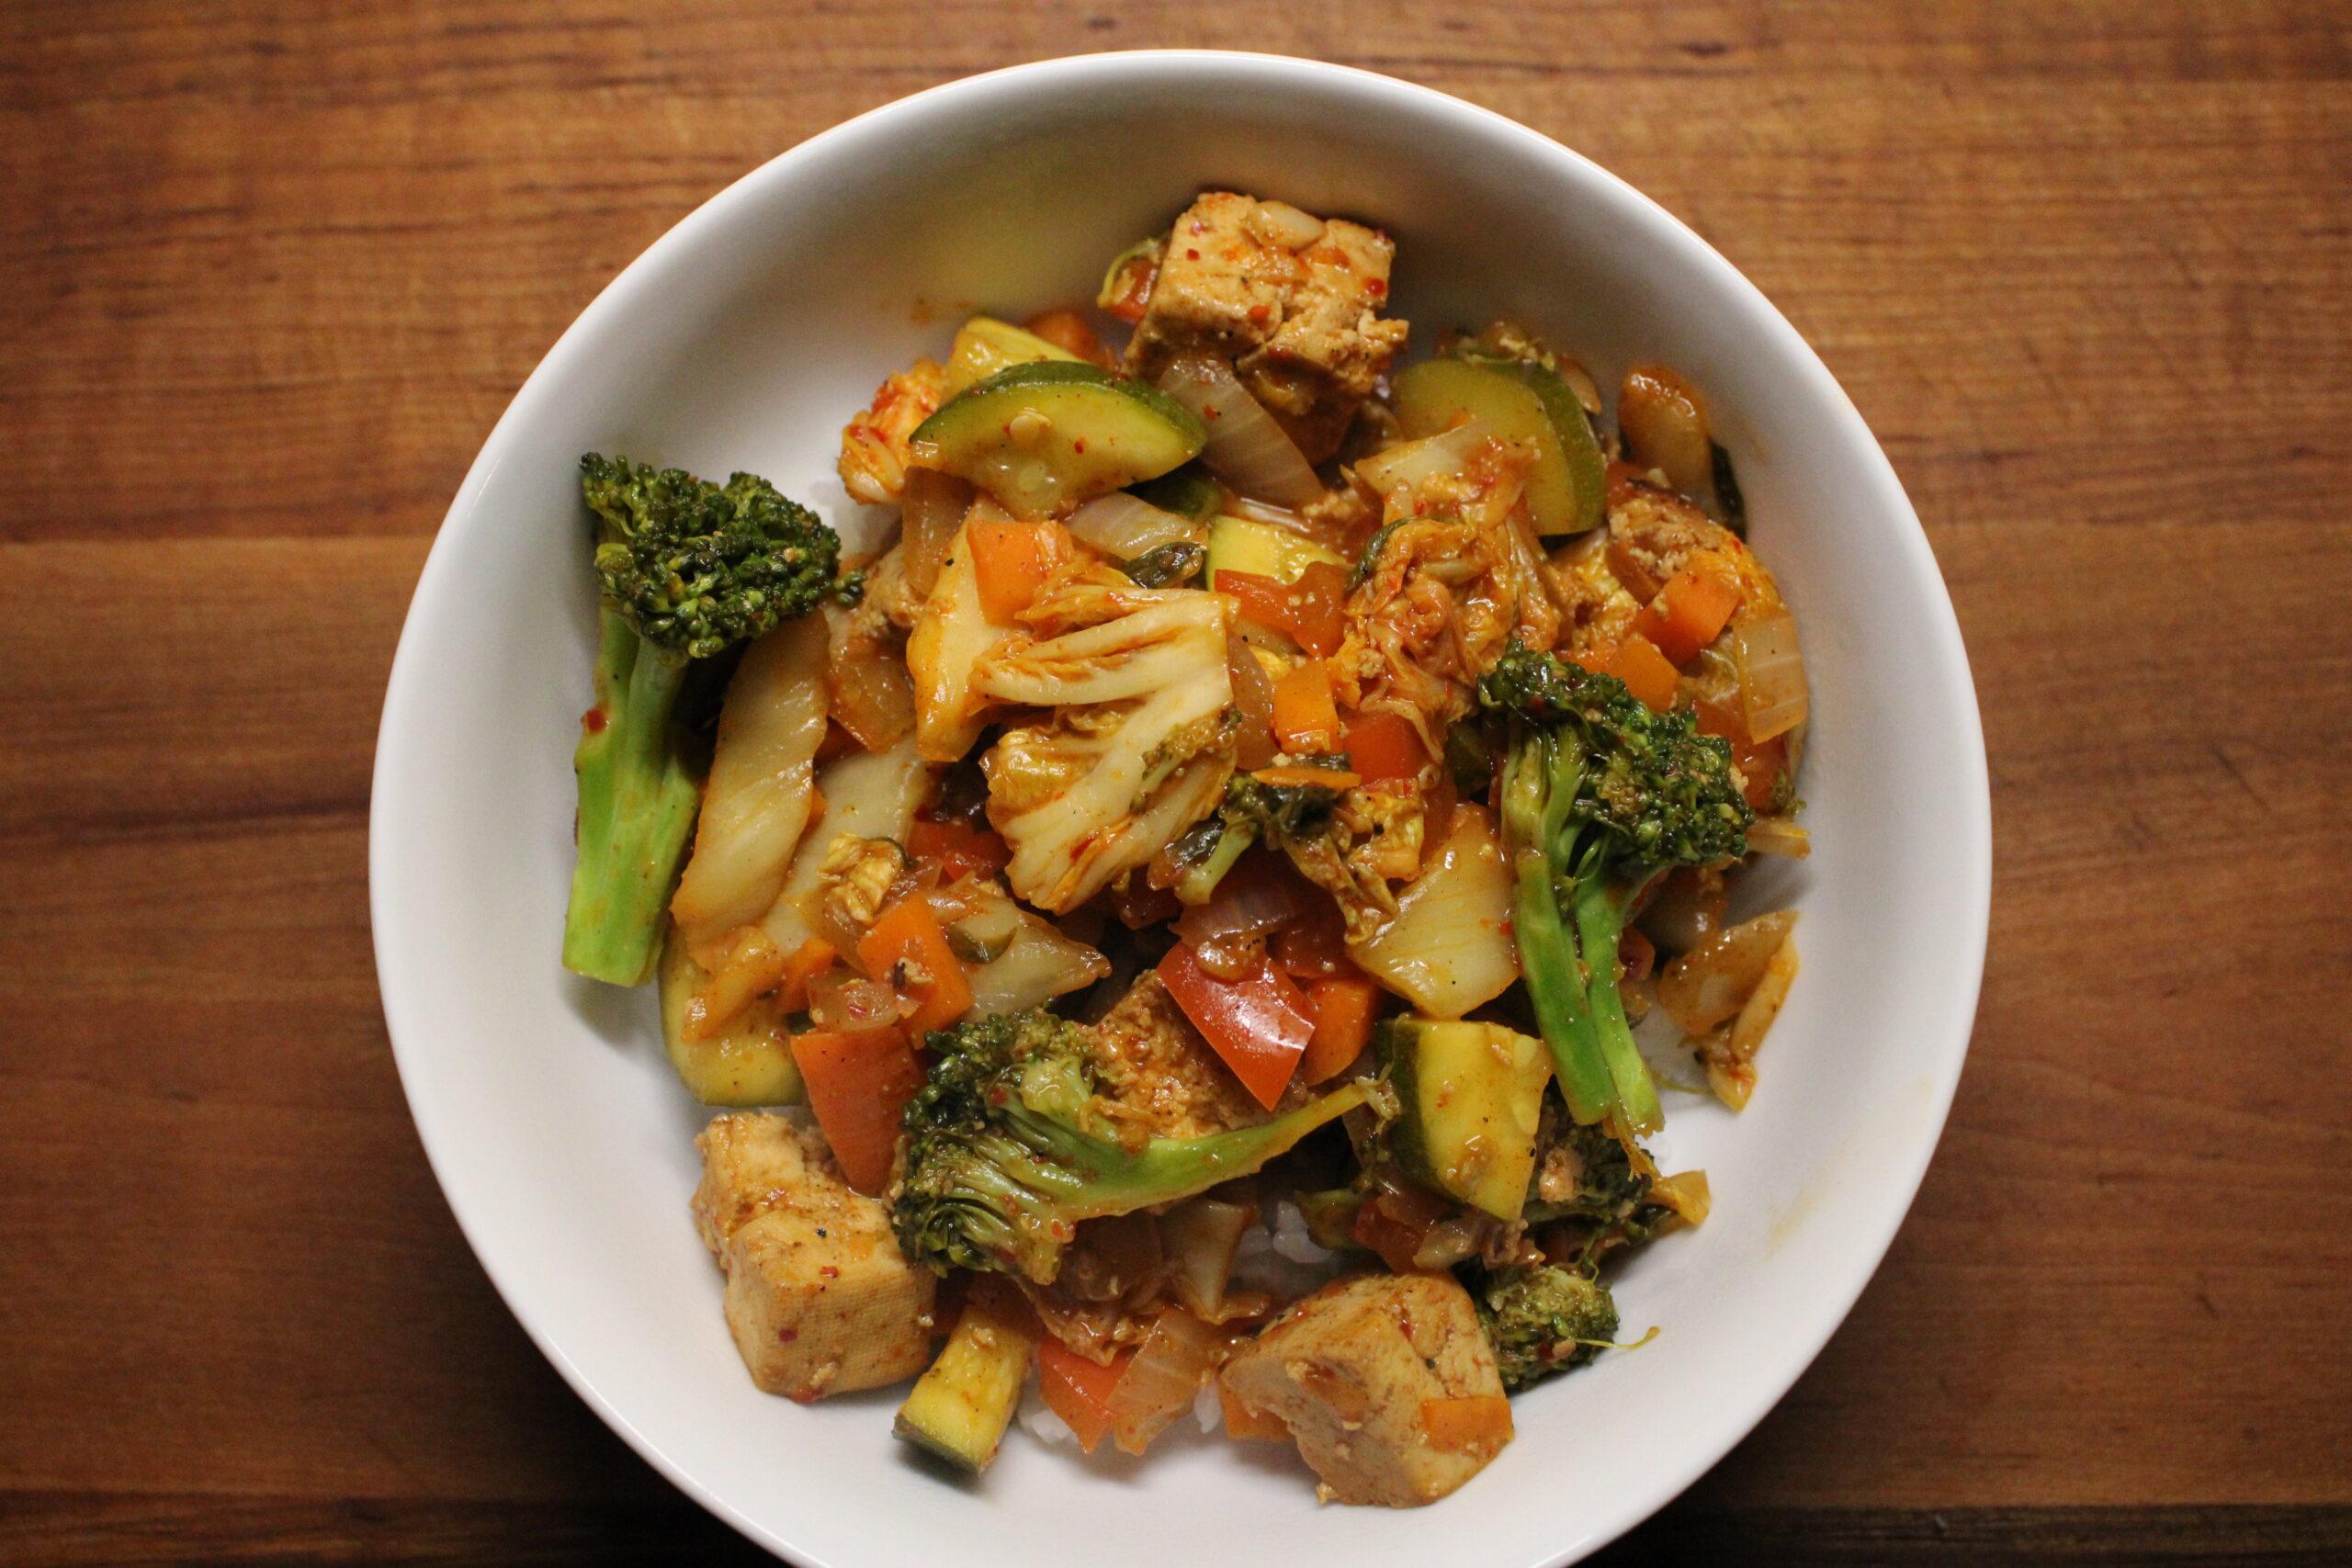 Kimchi Stir-Fry